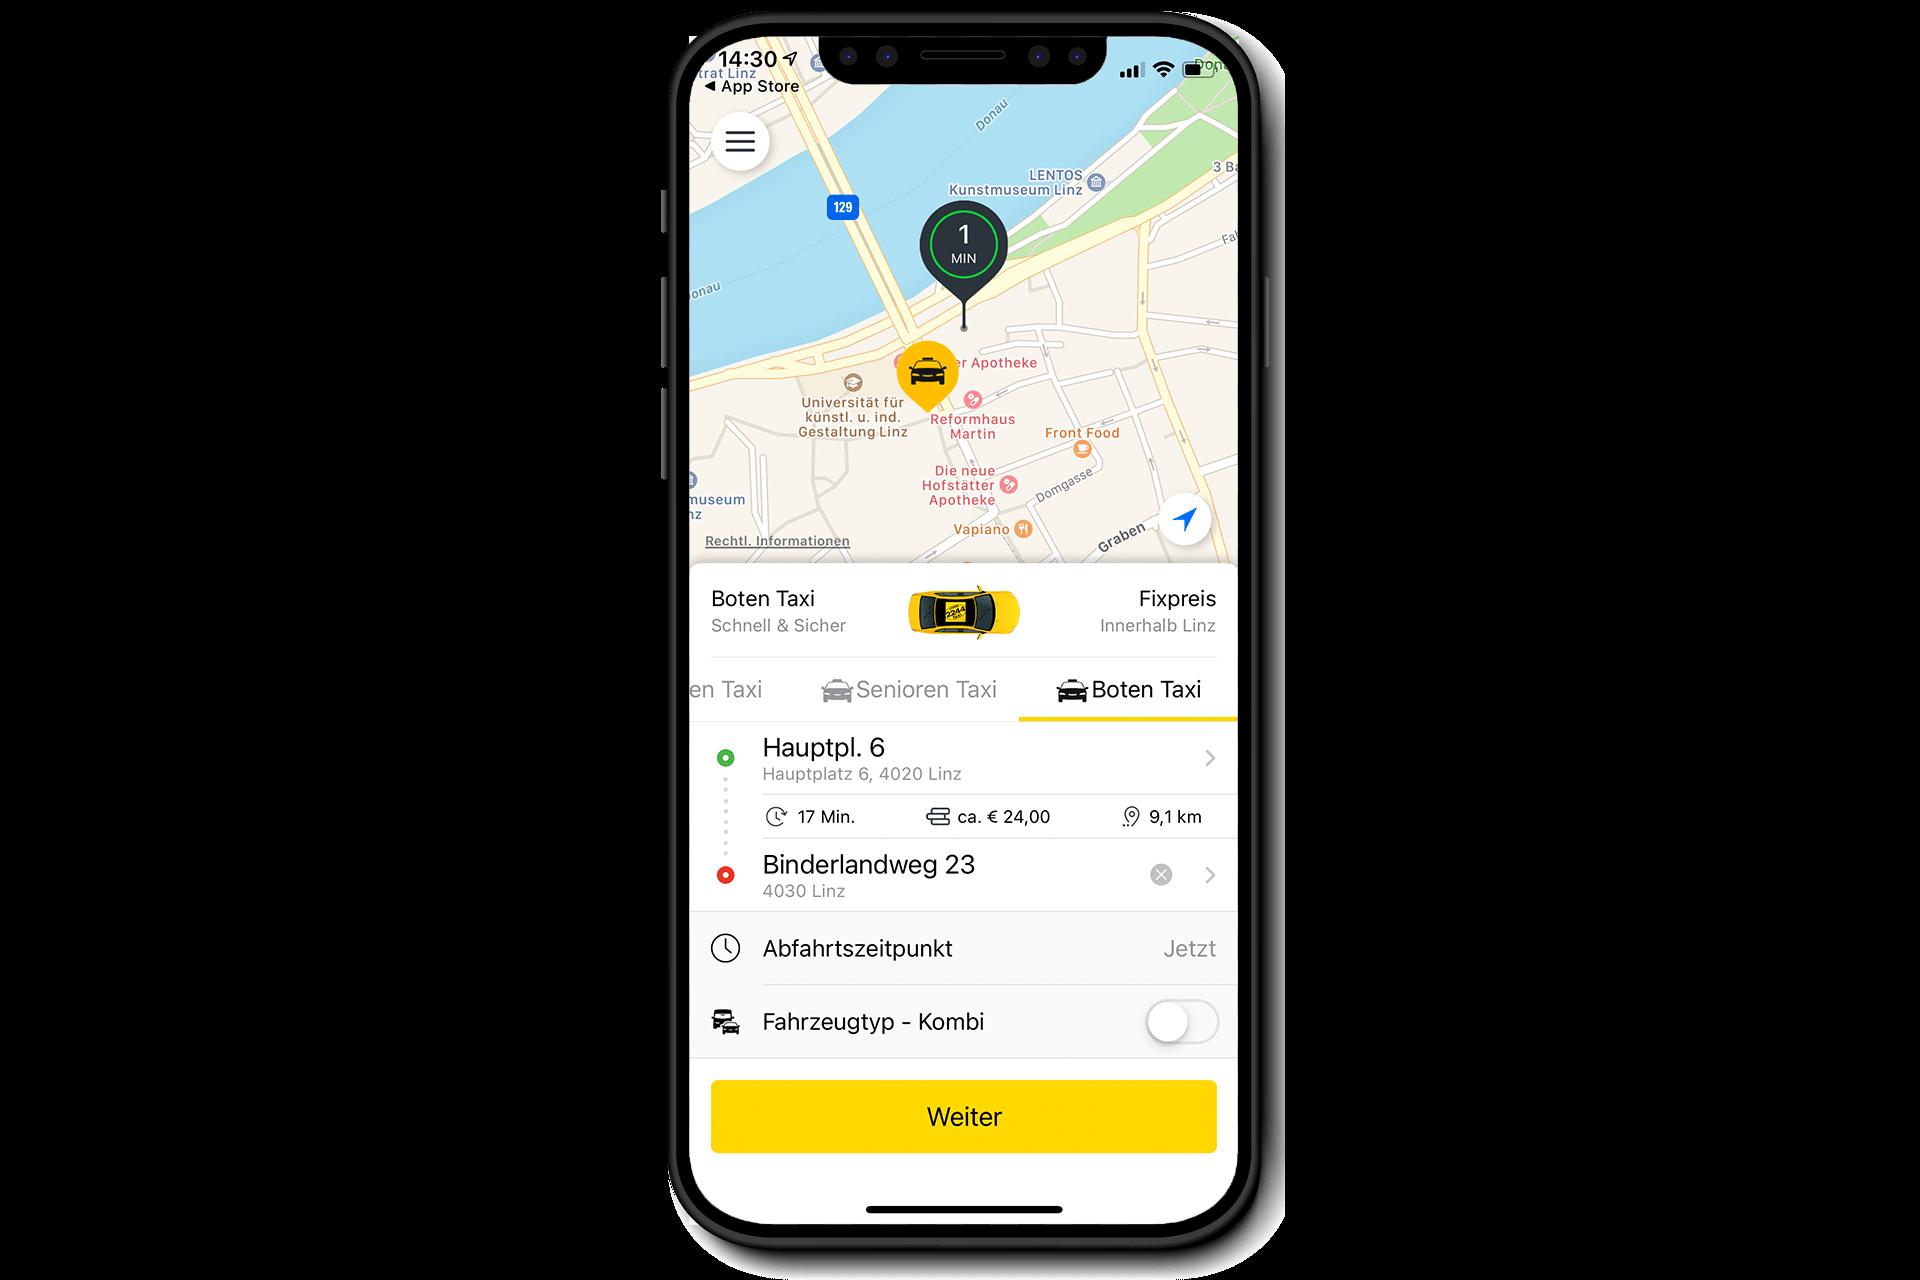 Bild: Smartphone mit Boten-Taxi